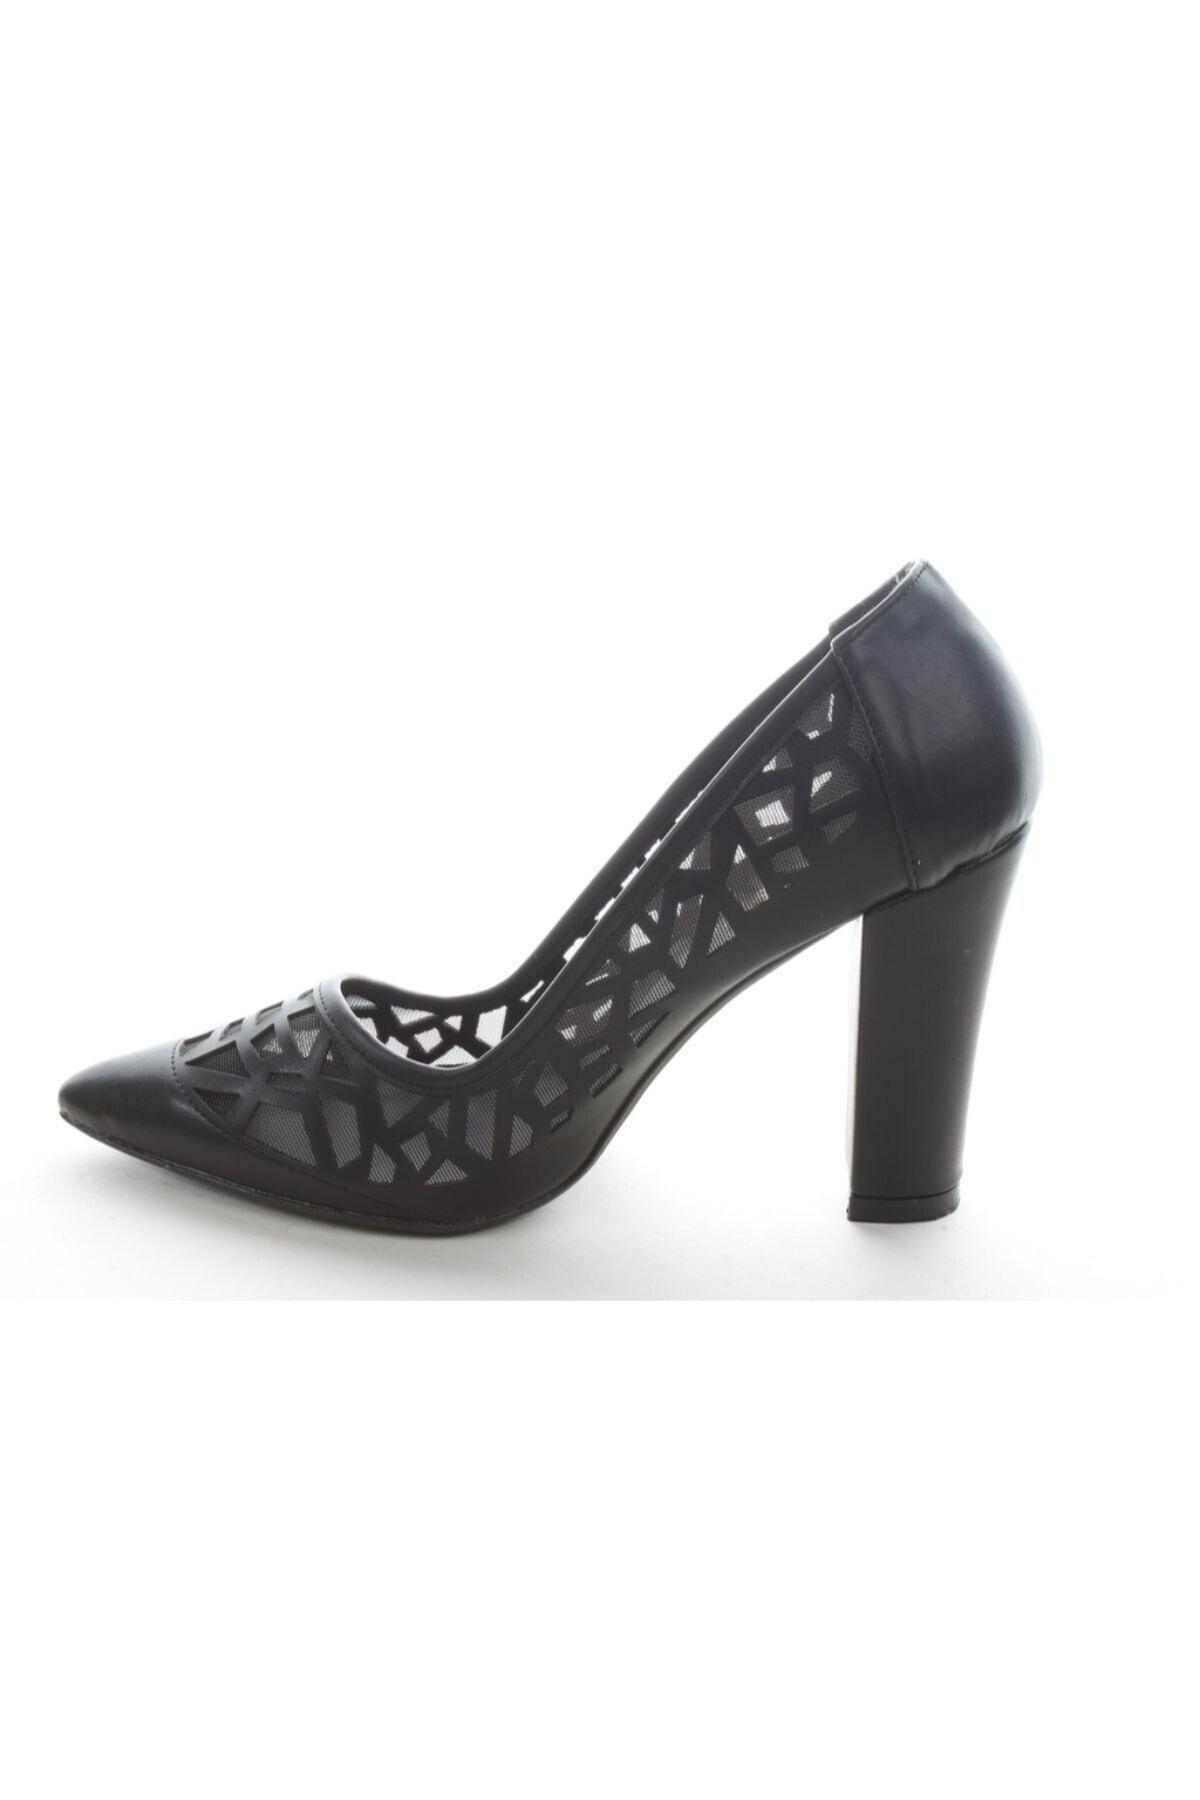 Pandora Ayakkabı Kadın Kırmızı Topuklu Ayakkabı 2